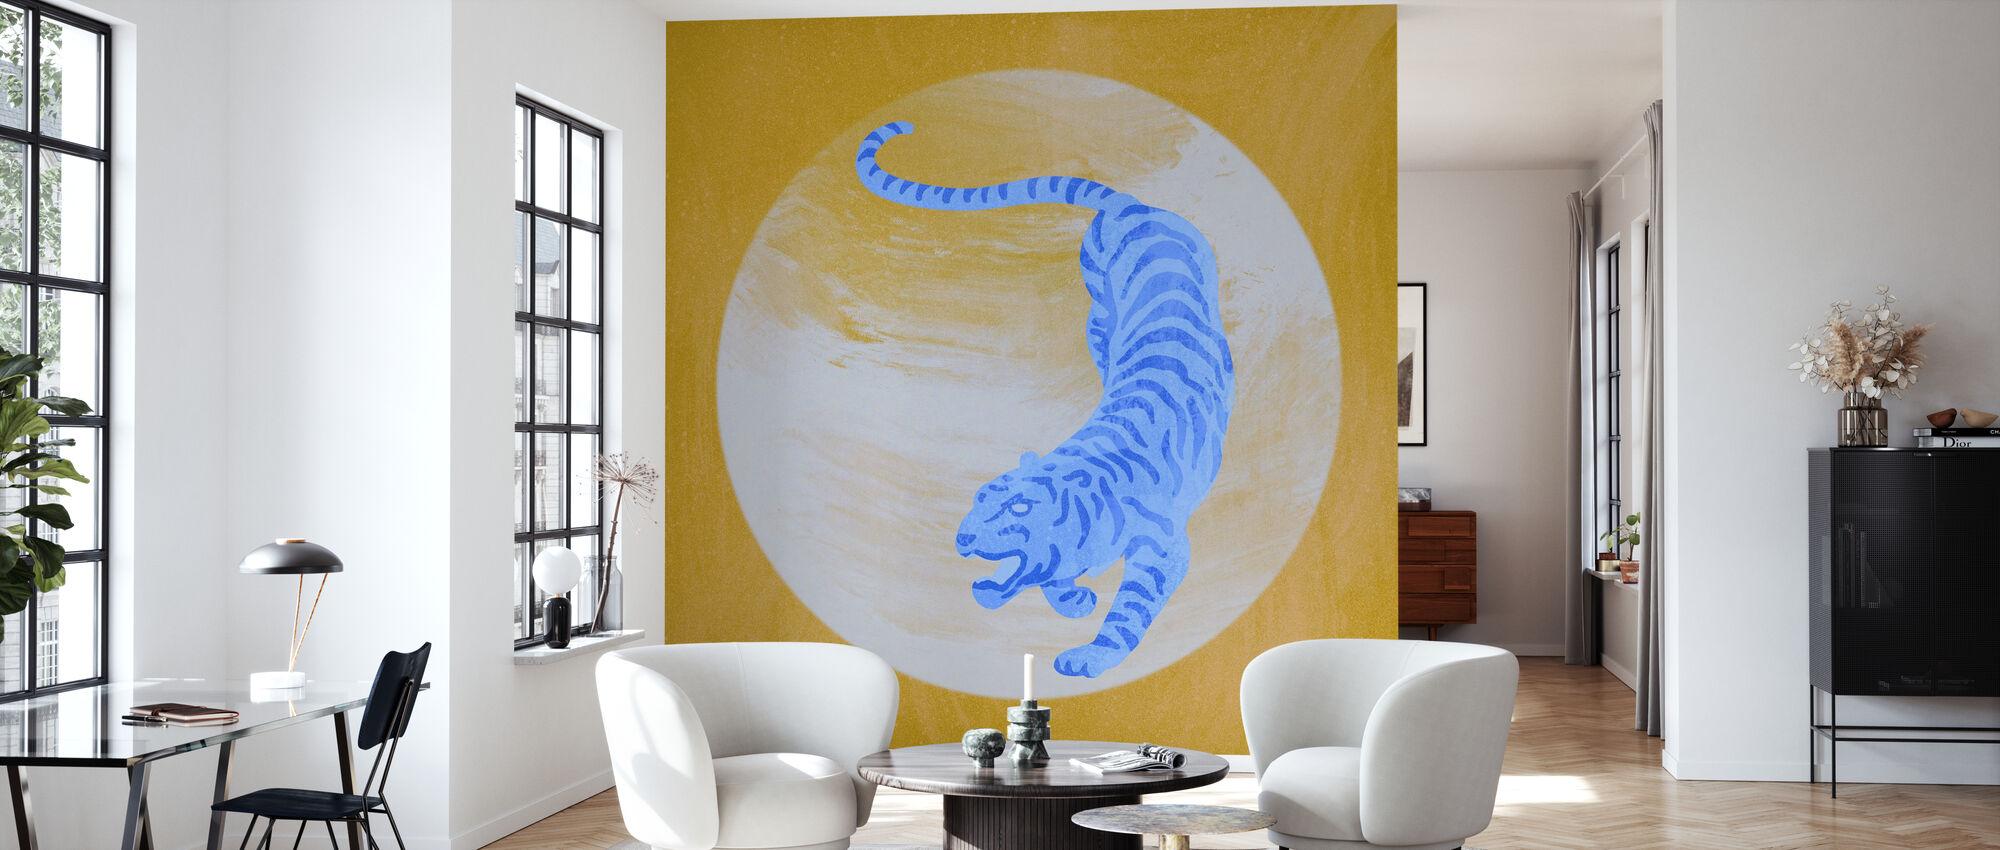 Tigergul - Tapete - Wohnzimmer